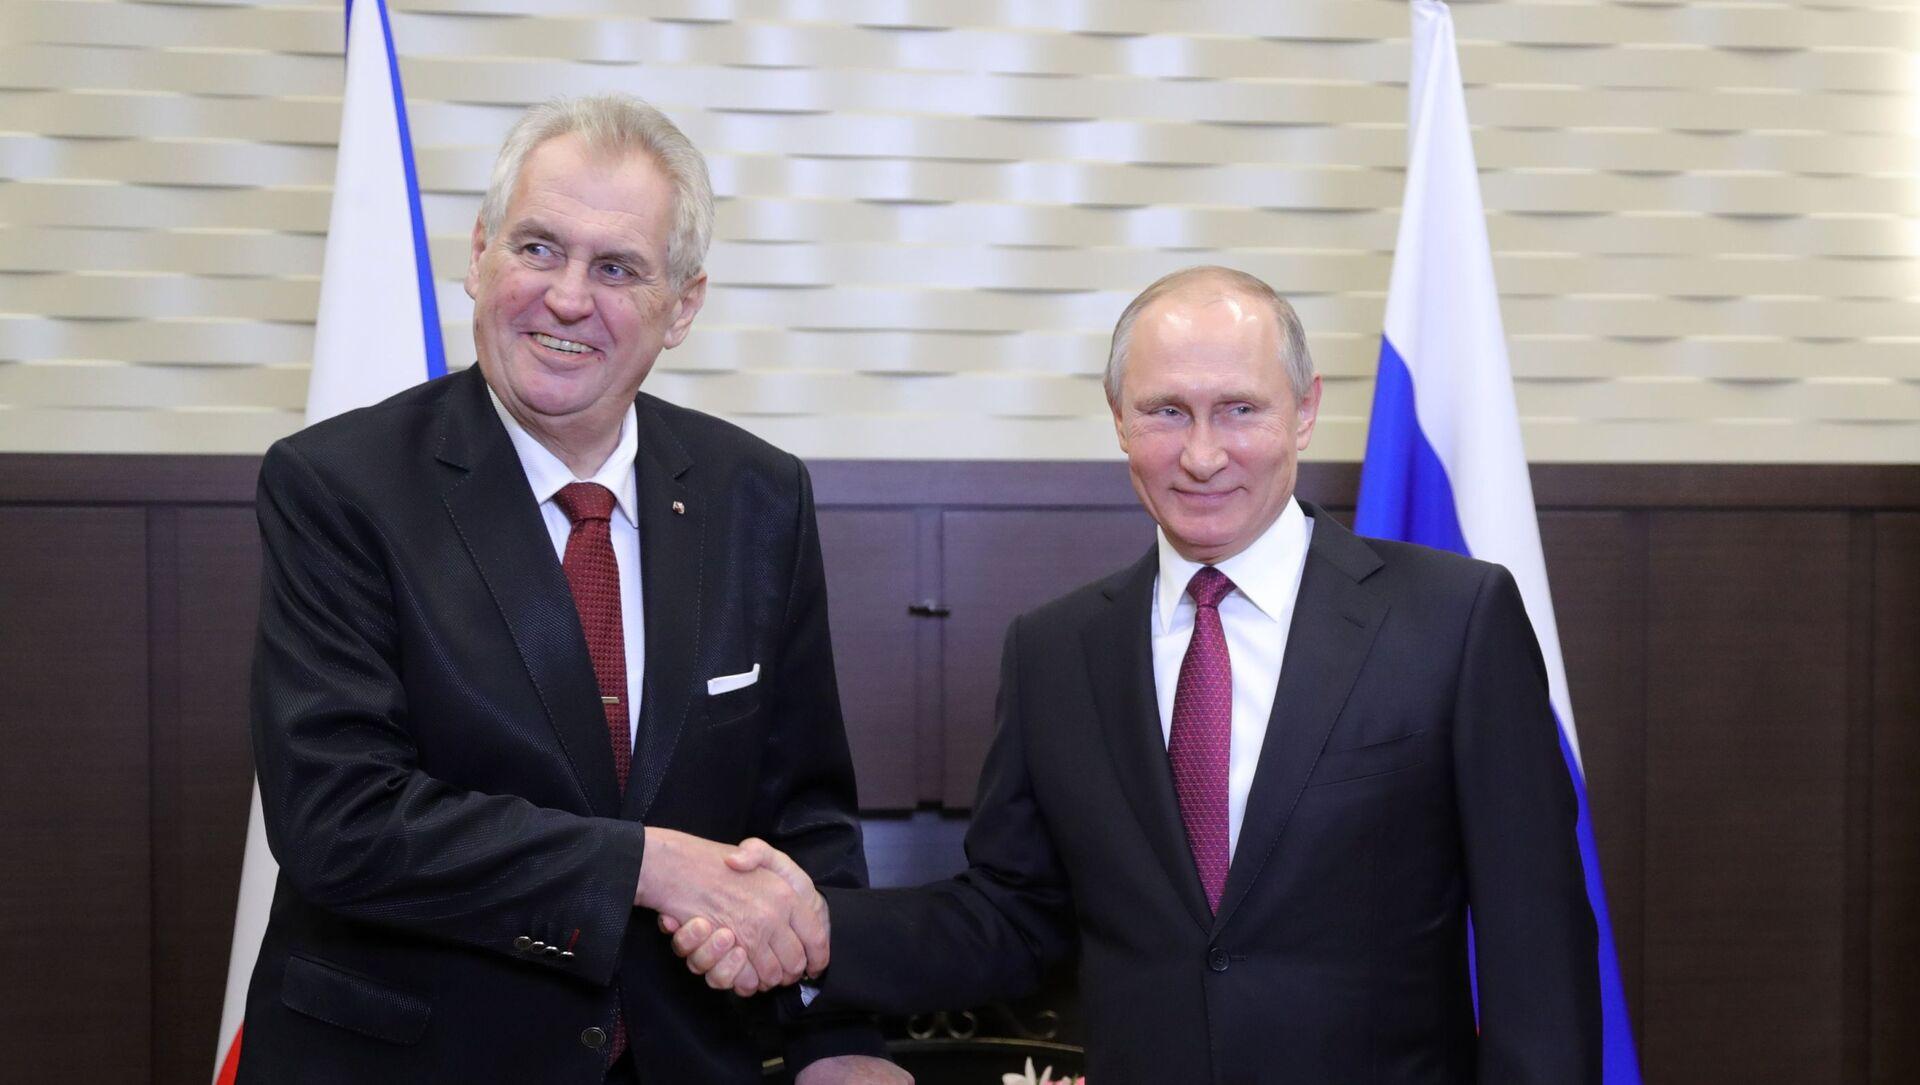 Schůzka ruského prezidenta Vladimira Putina s českým prezidentem Milošem Zemanem  - Sputnik Česká republika, 1920, 06.04.2021